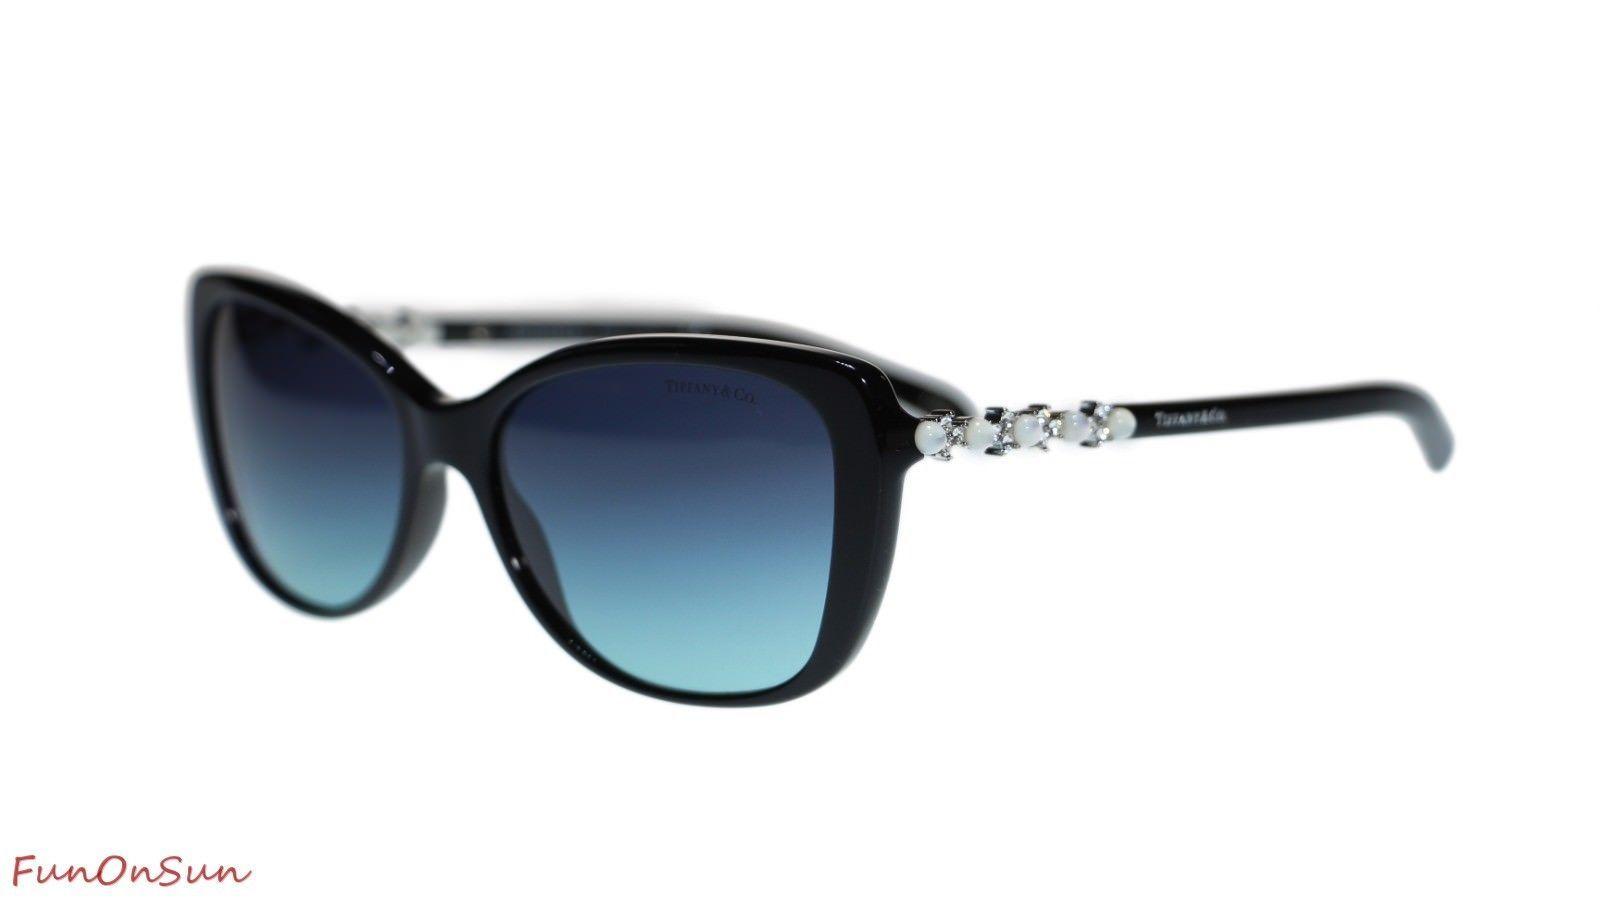 d955cbfee4 TIFFANY CO Women Sunglasses TF4103HB 80019S and 46 similar items